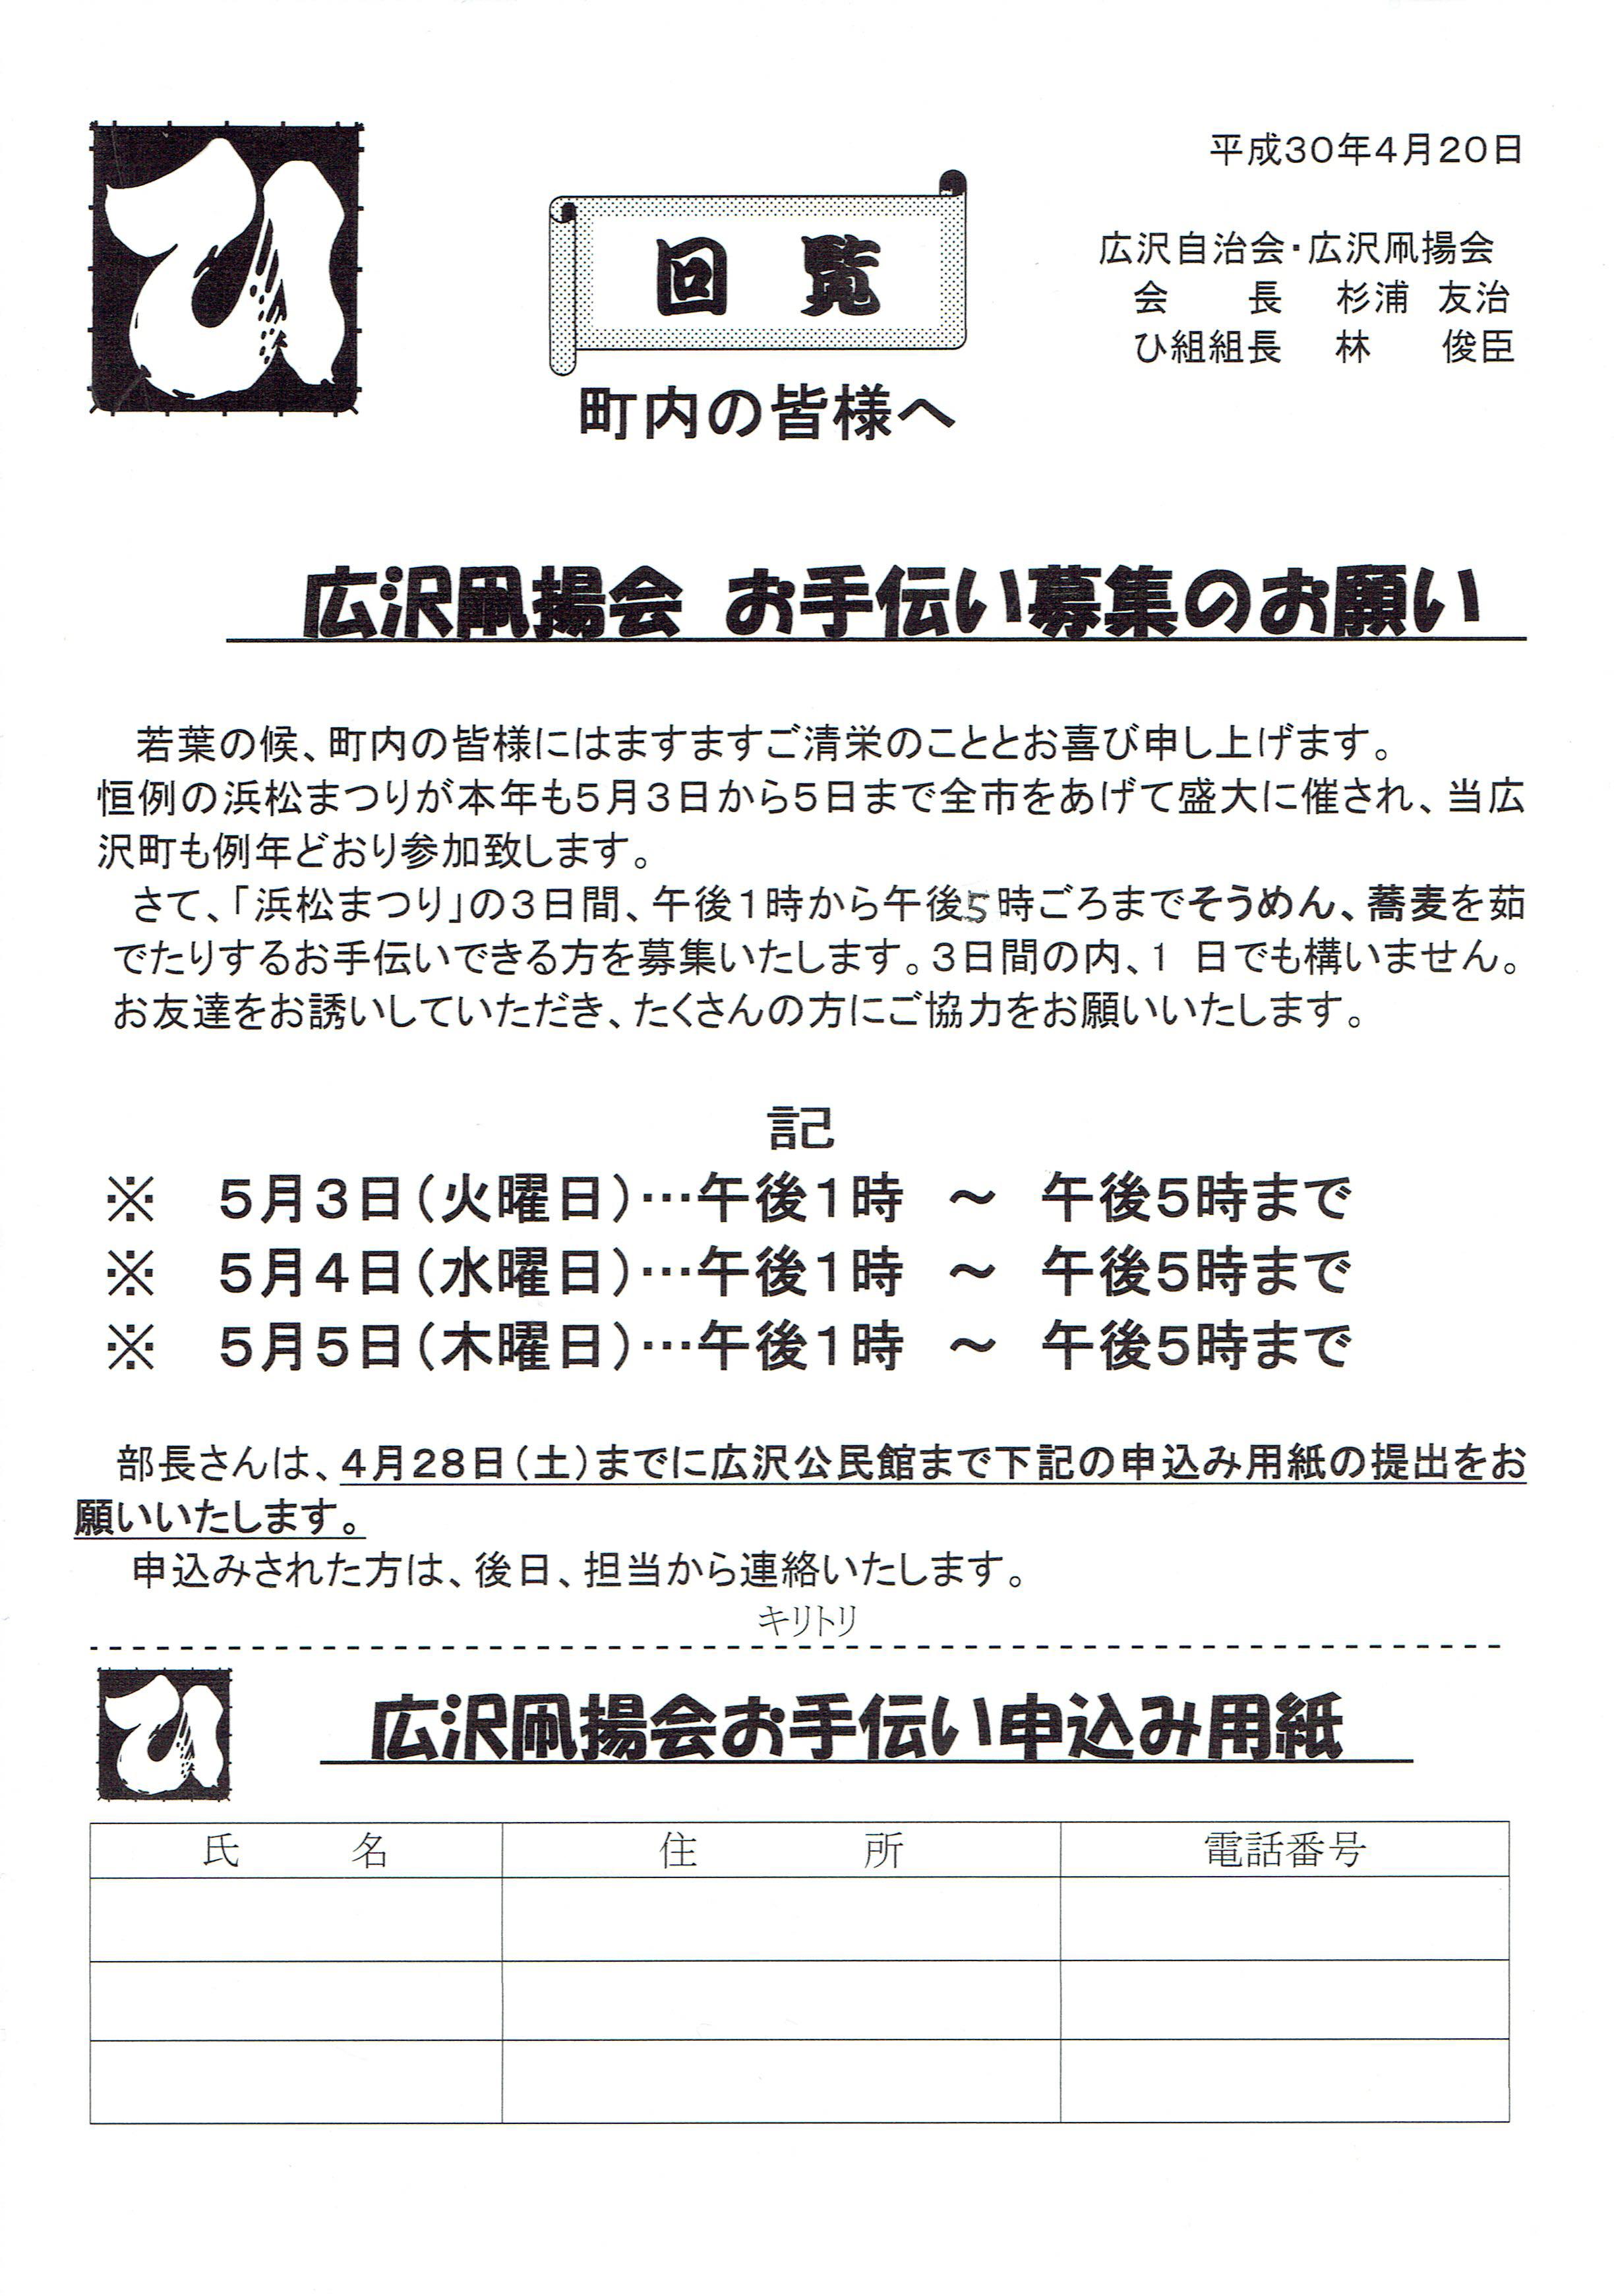 【回覧資料 平成30年4月20日】ワッペン・法被・提灯の販売について